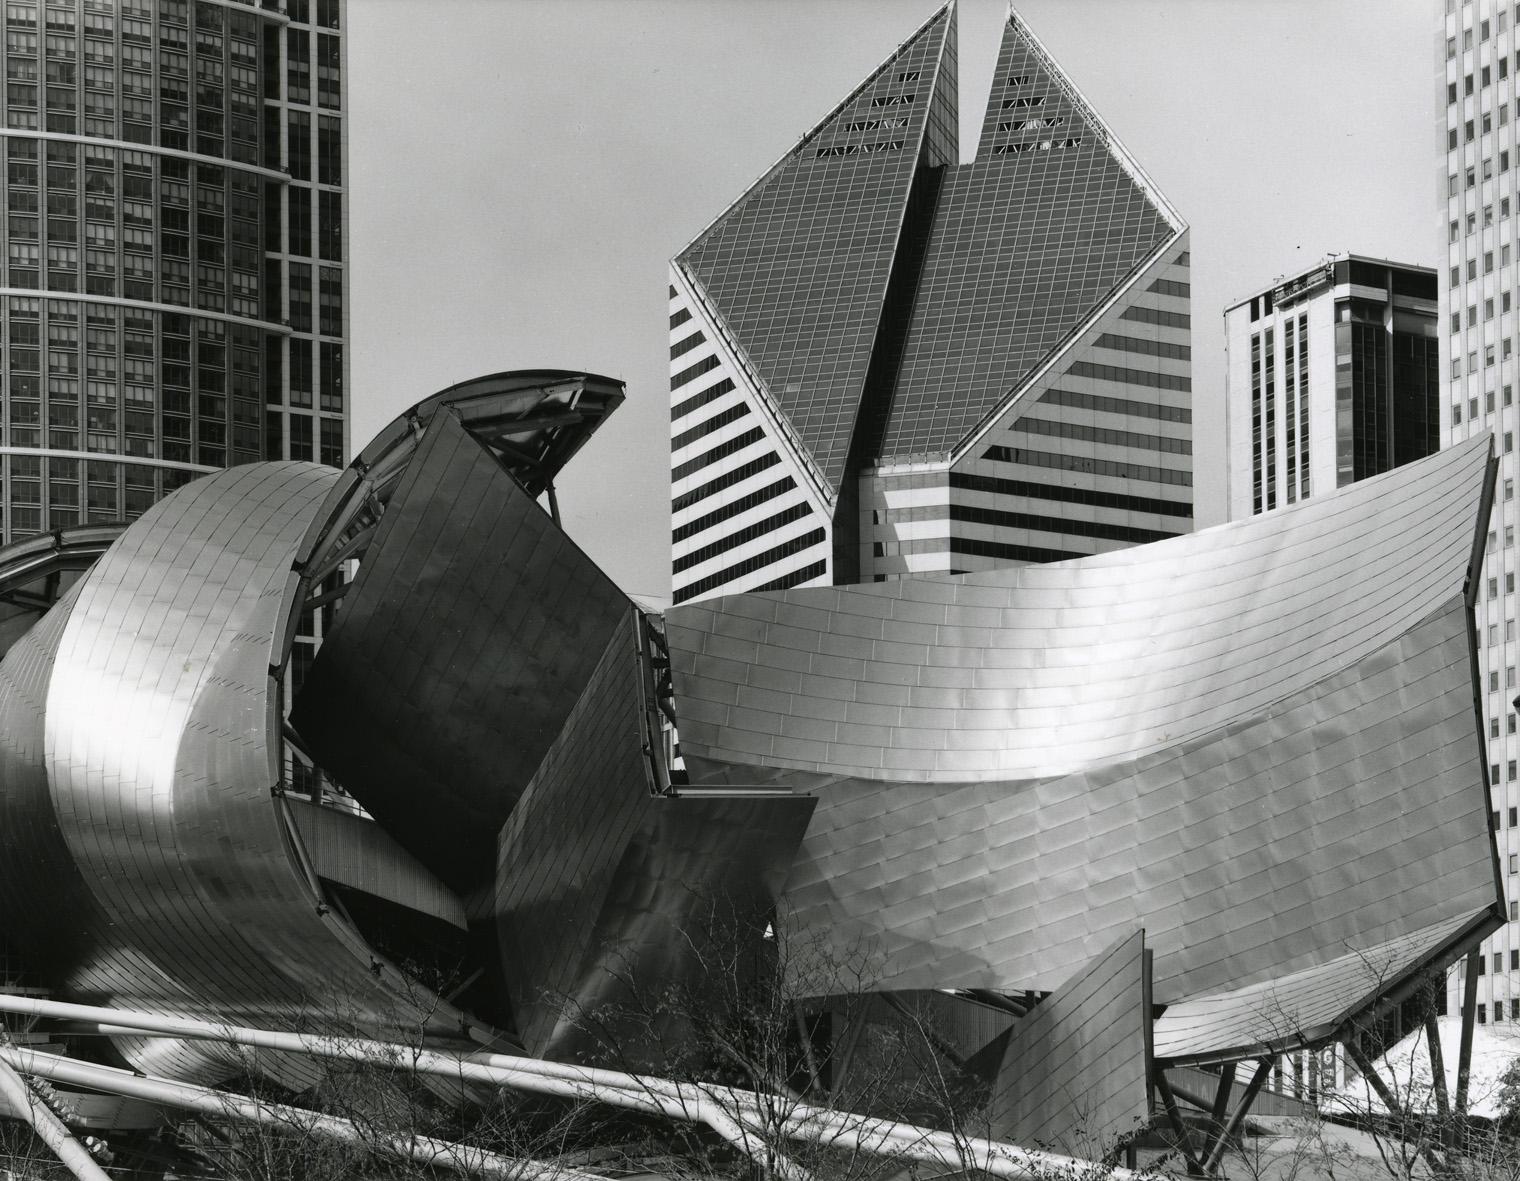 """""""Jay Pritzker Pavillion, Millenium Park,"""" 2006, photograph, 32x40 in."""